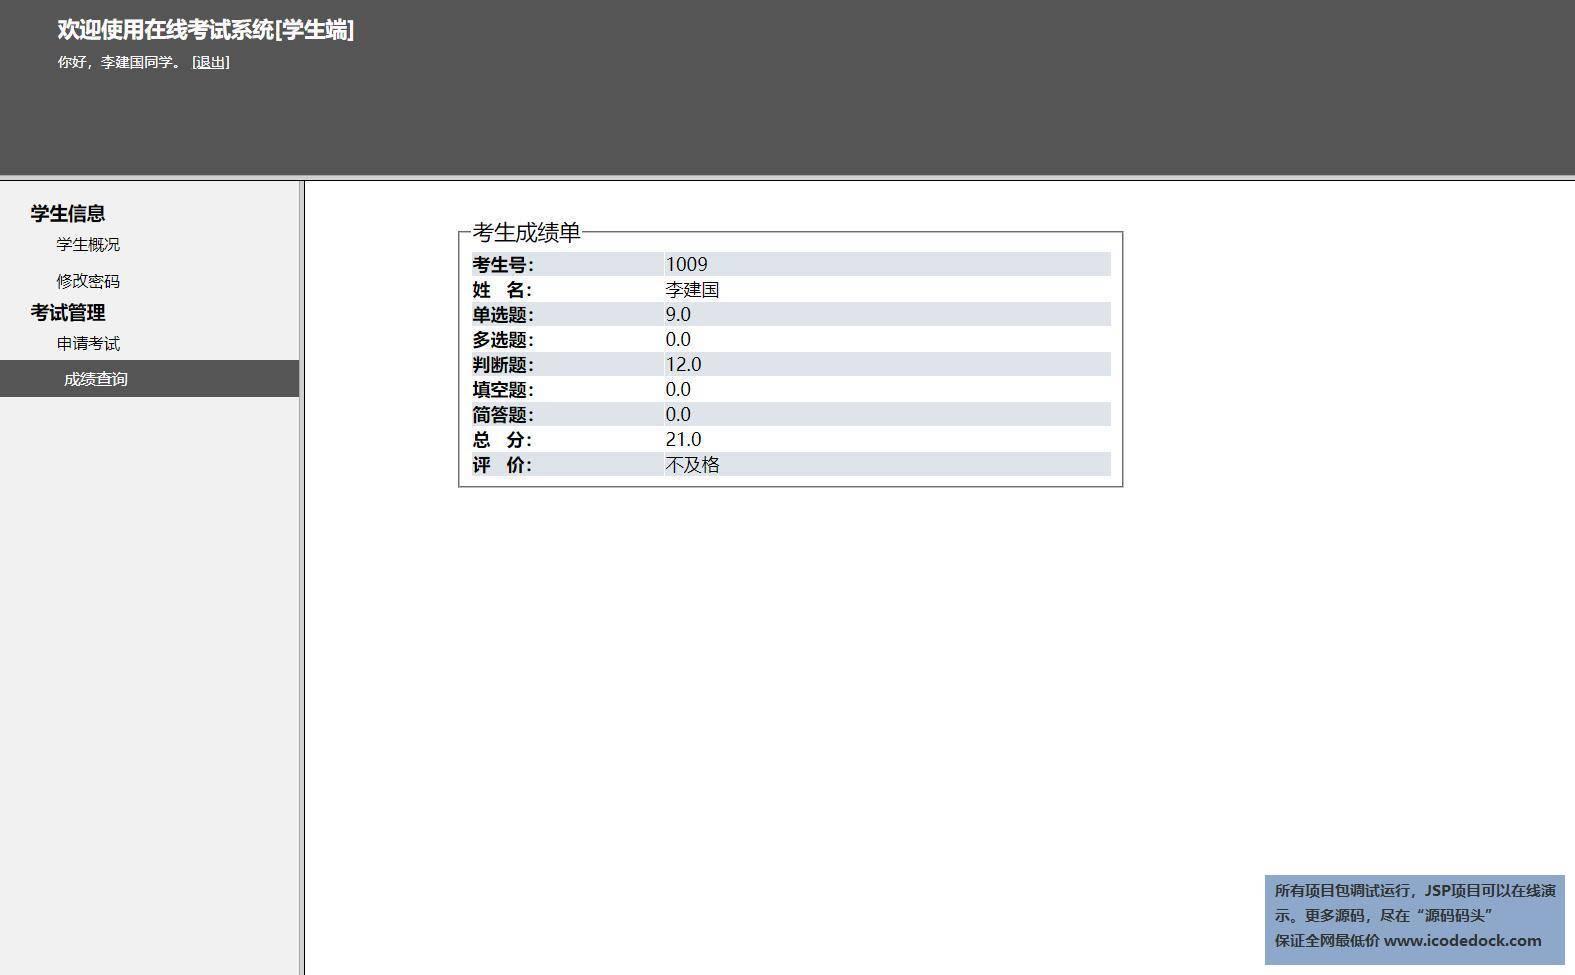 源码码头-JSP在线考试管理系统-学生角色-查看成绩